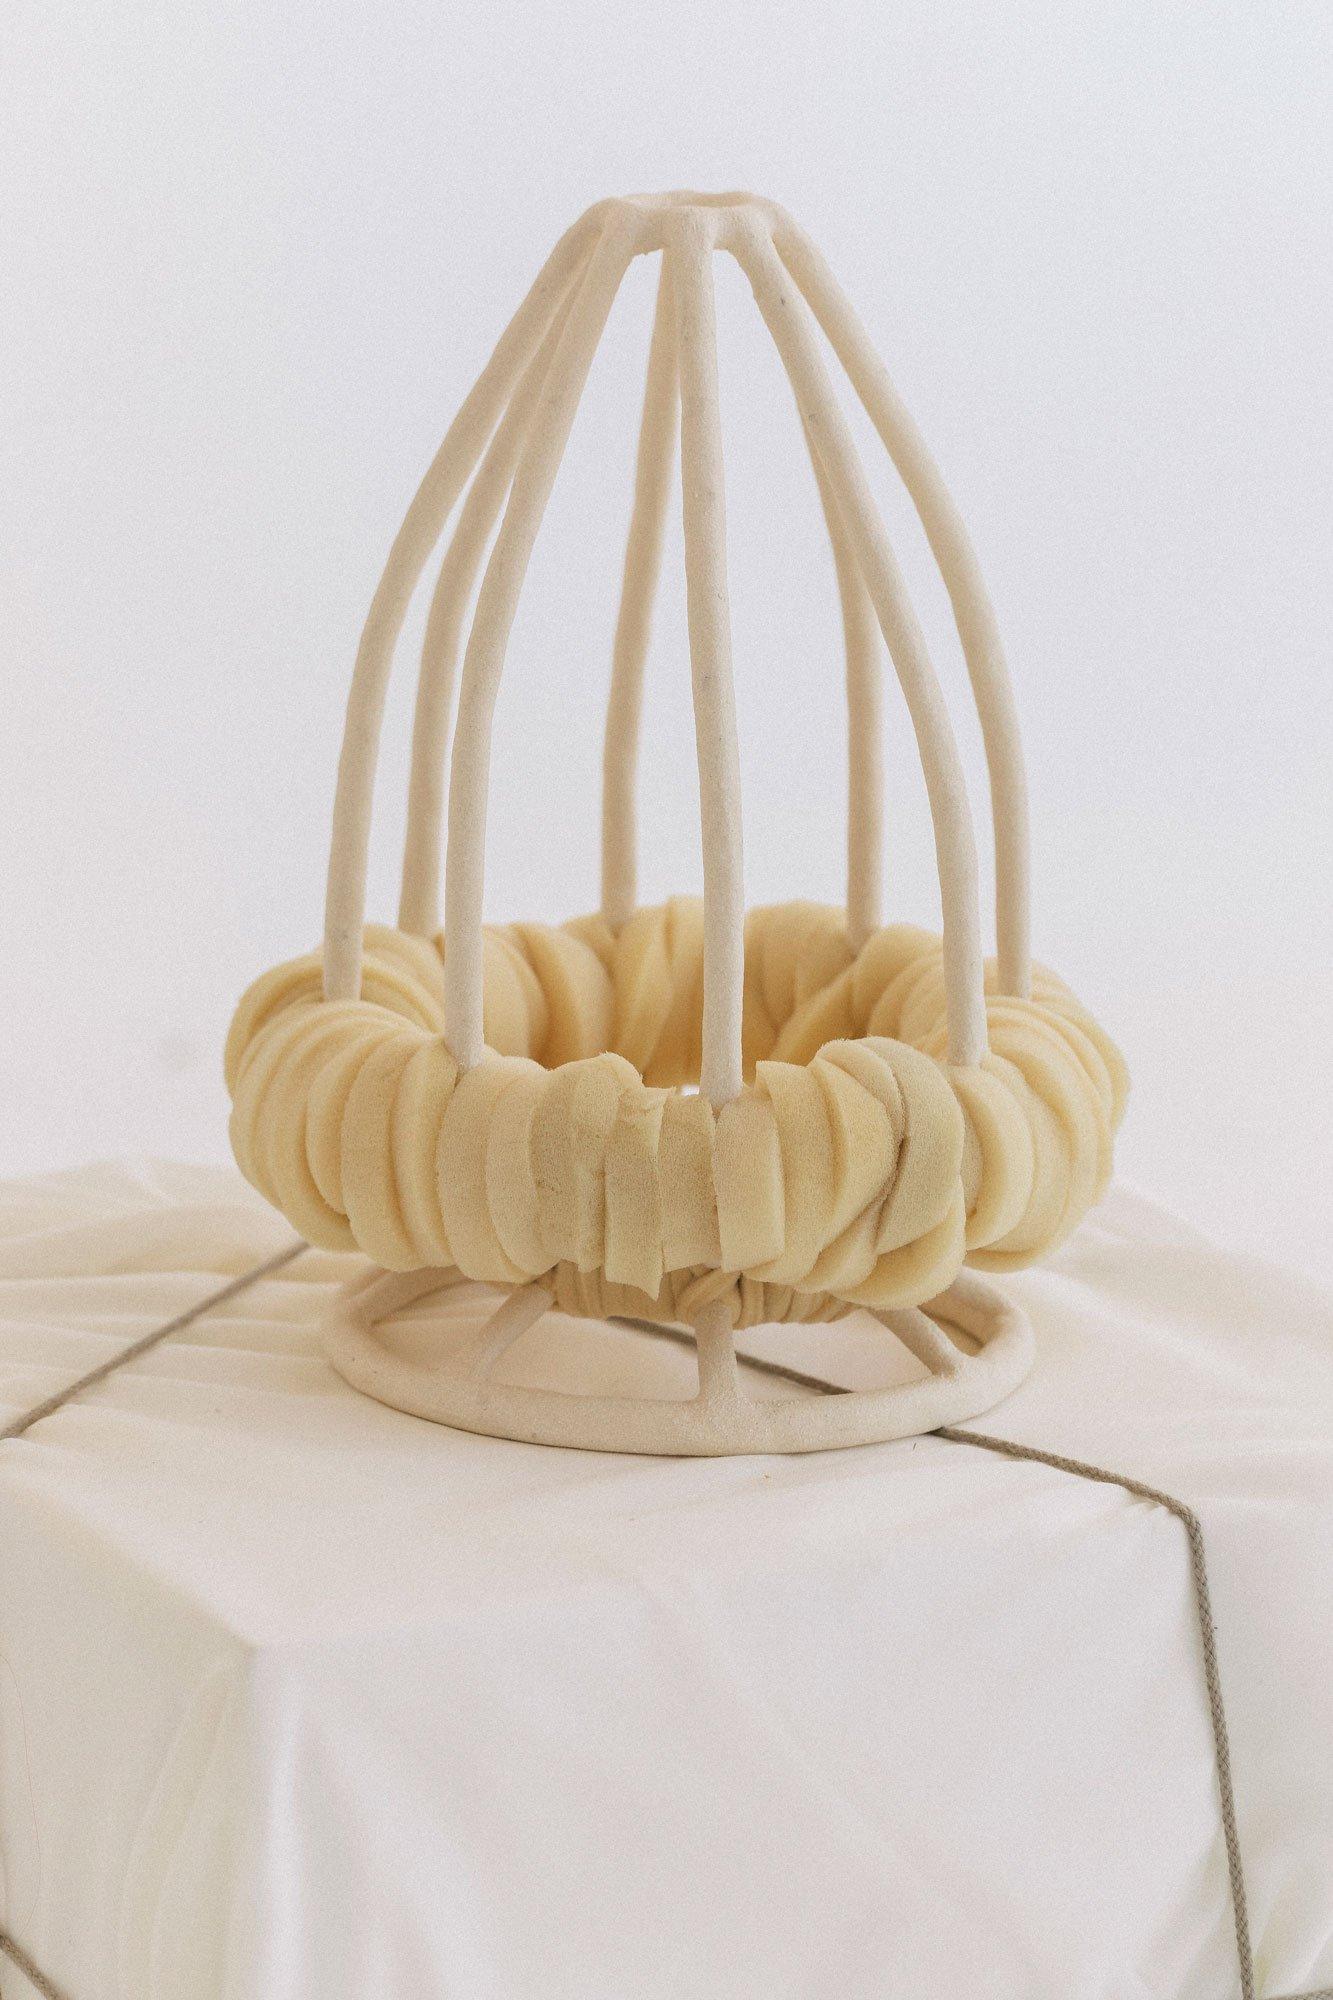 Ukurant Objects, 3daysofdesign 2020, jeunes designers, Margarida Lopes Pereira